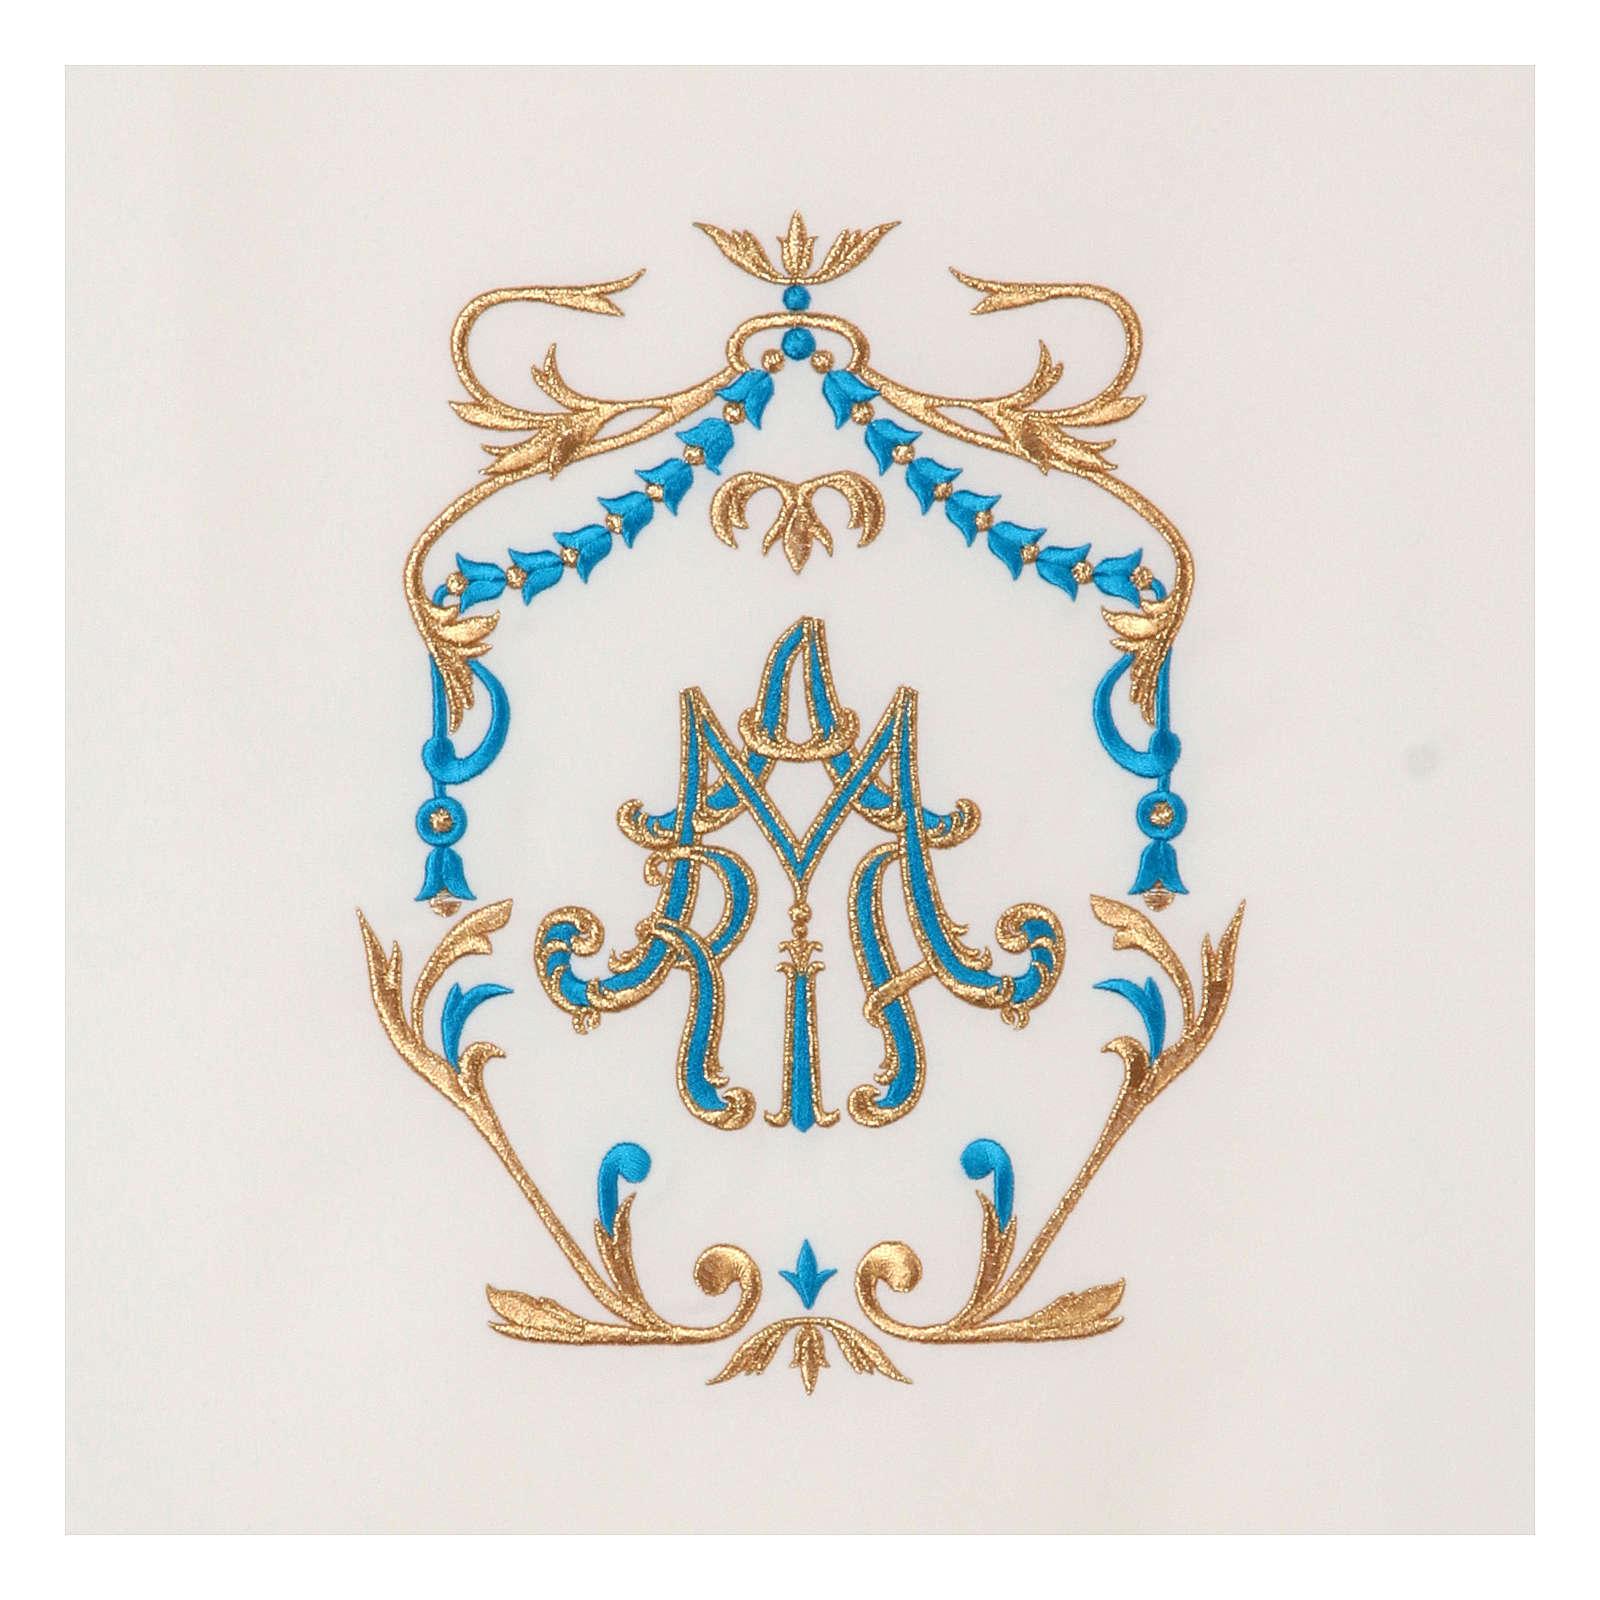 Coprileggio ricami oro e azzurro Santissimo Nome di Maria 4